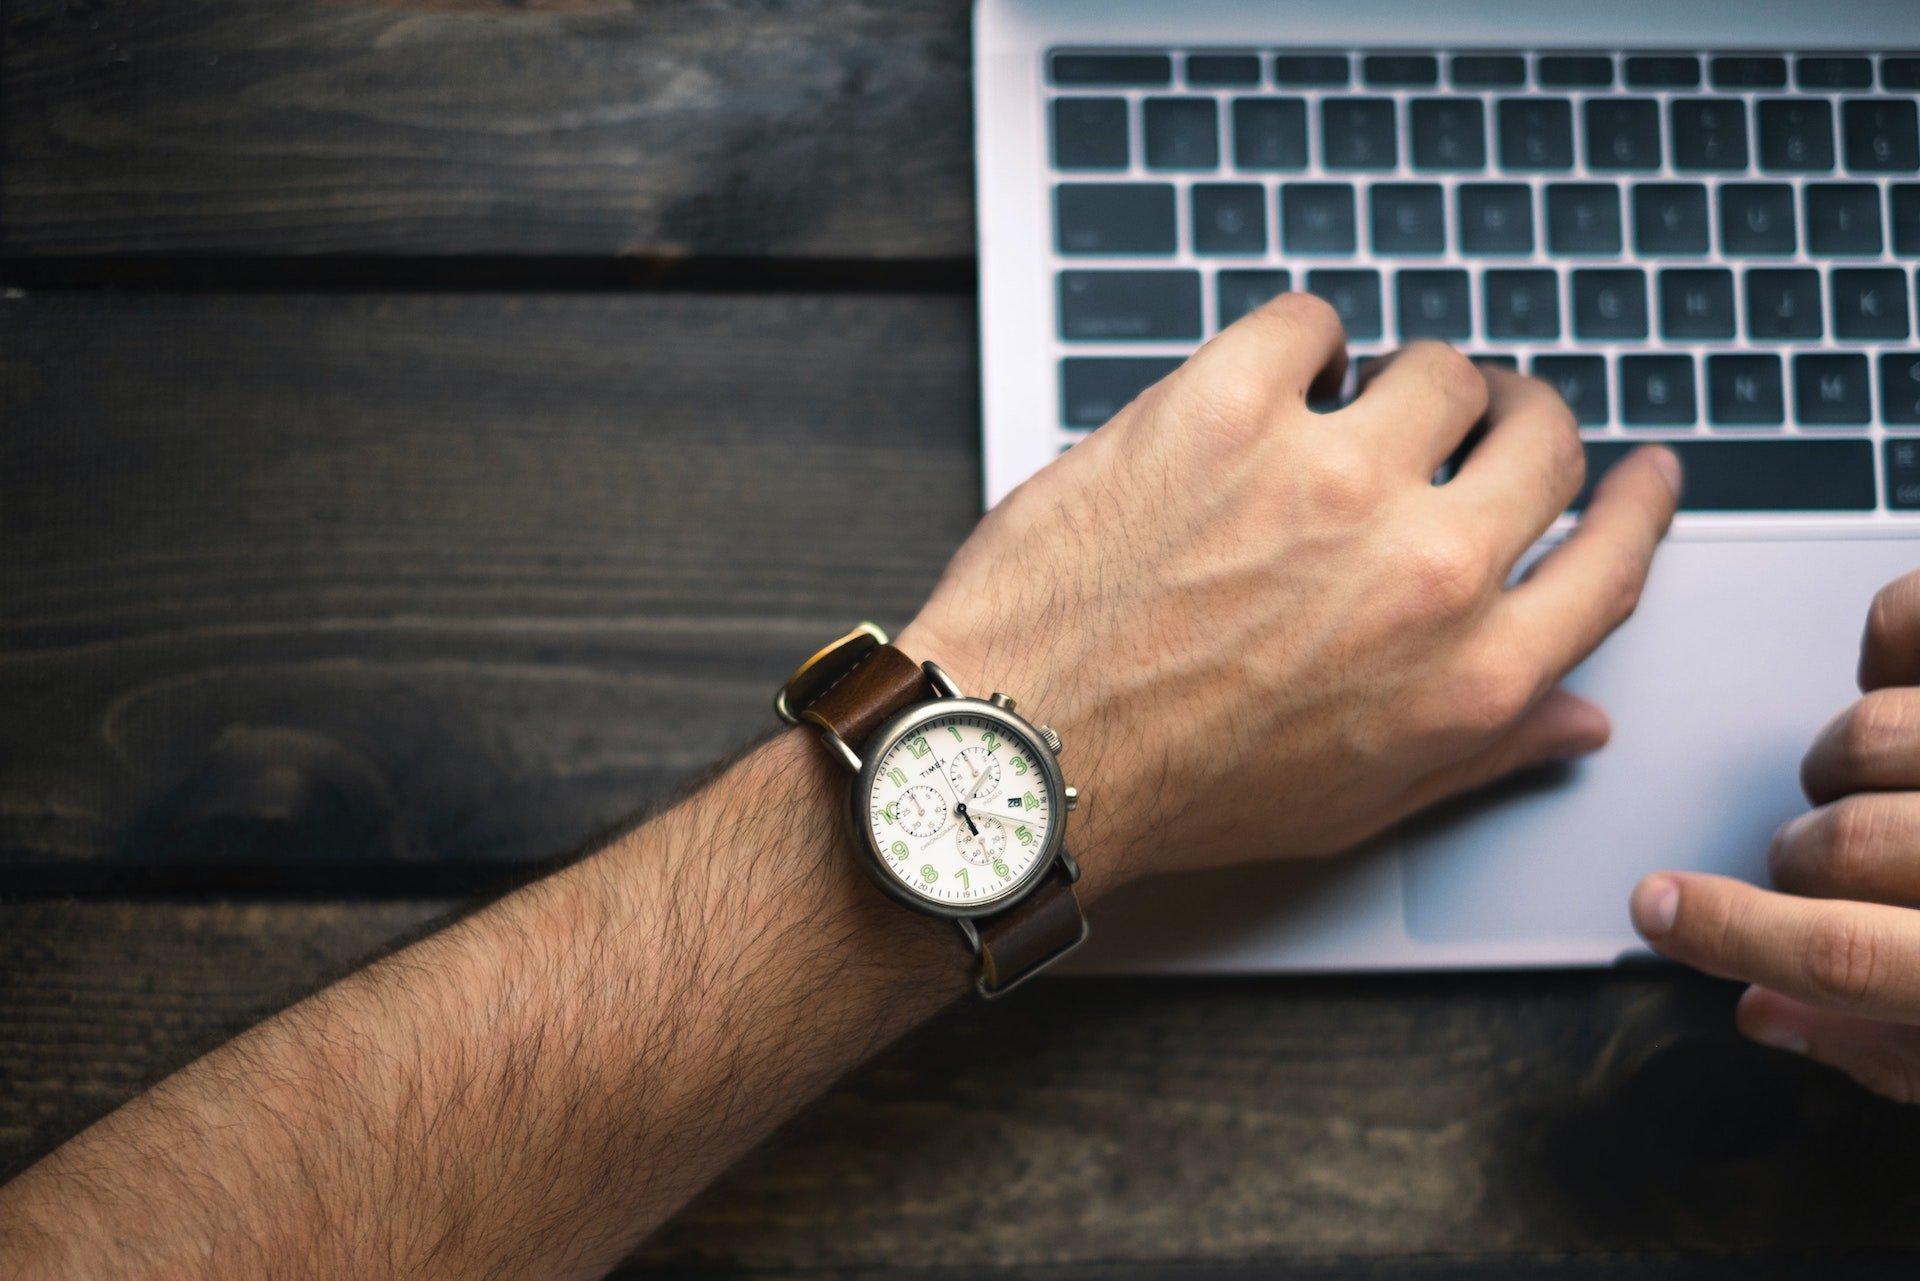 Ein junger Mann schaut am Laptop auf die Uhr